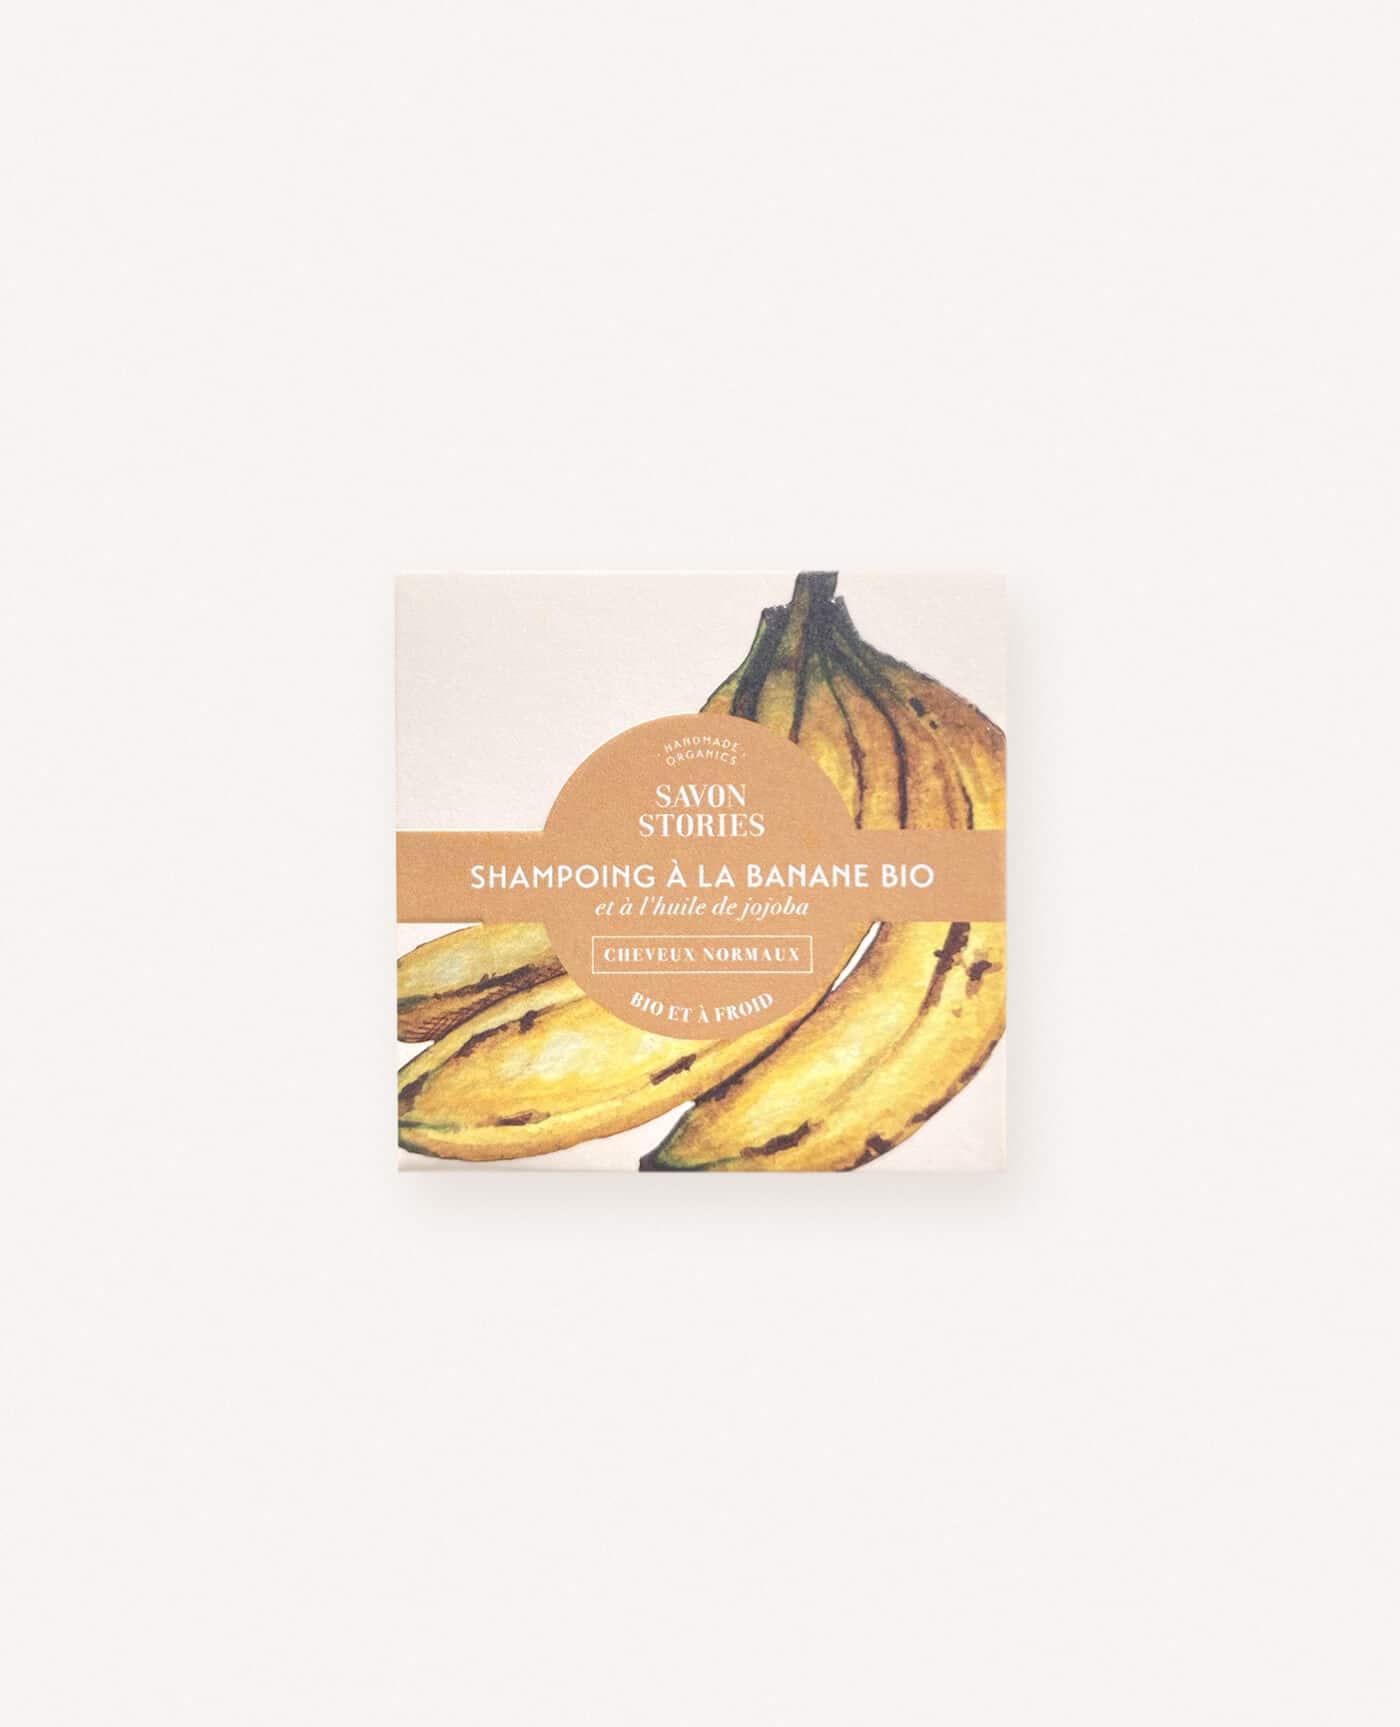 Shampoing solide bio, naturel et vegan à la banane pour les cheveux normaux de la marque Savon Stories made in france